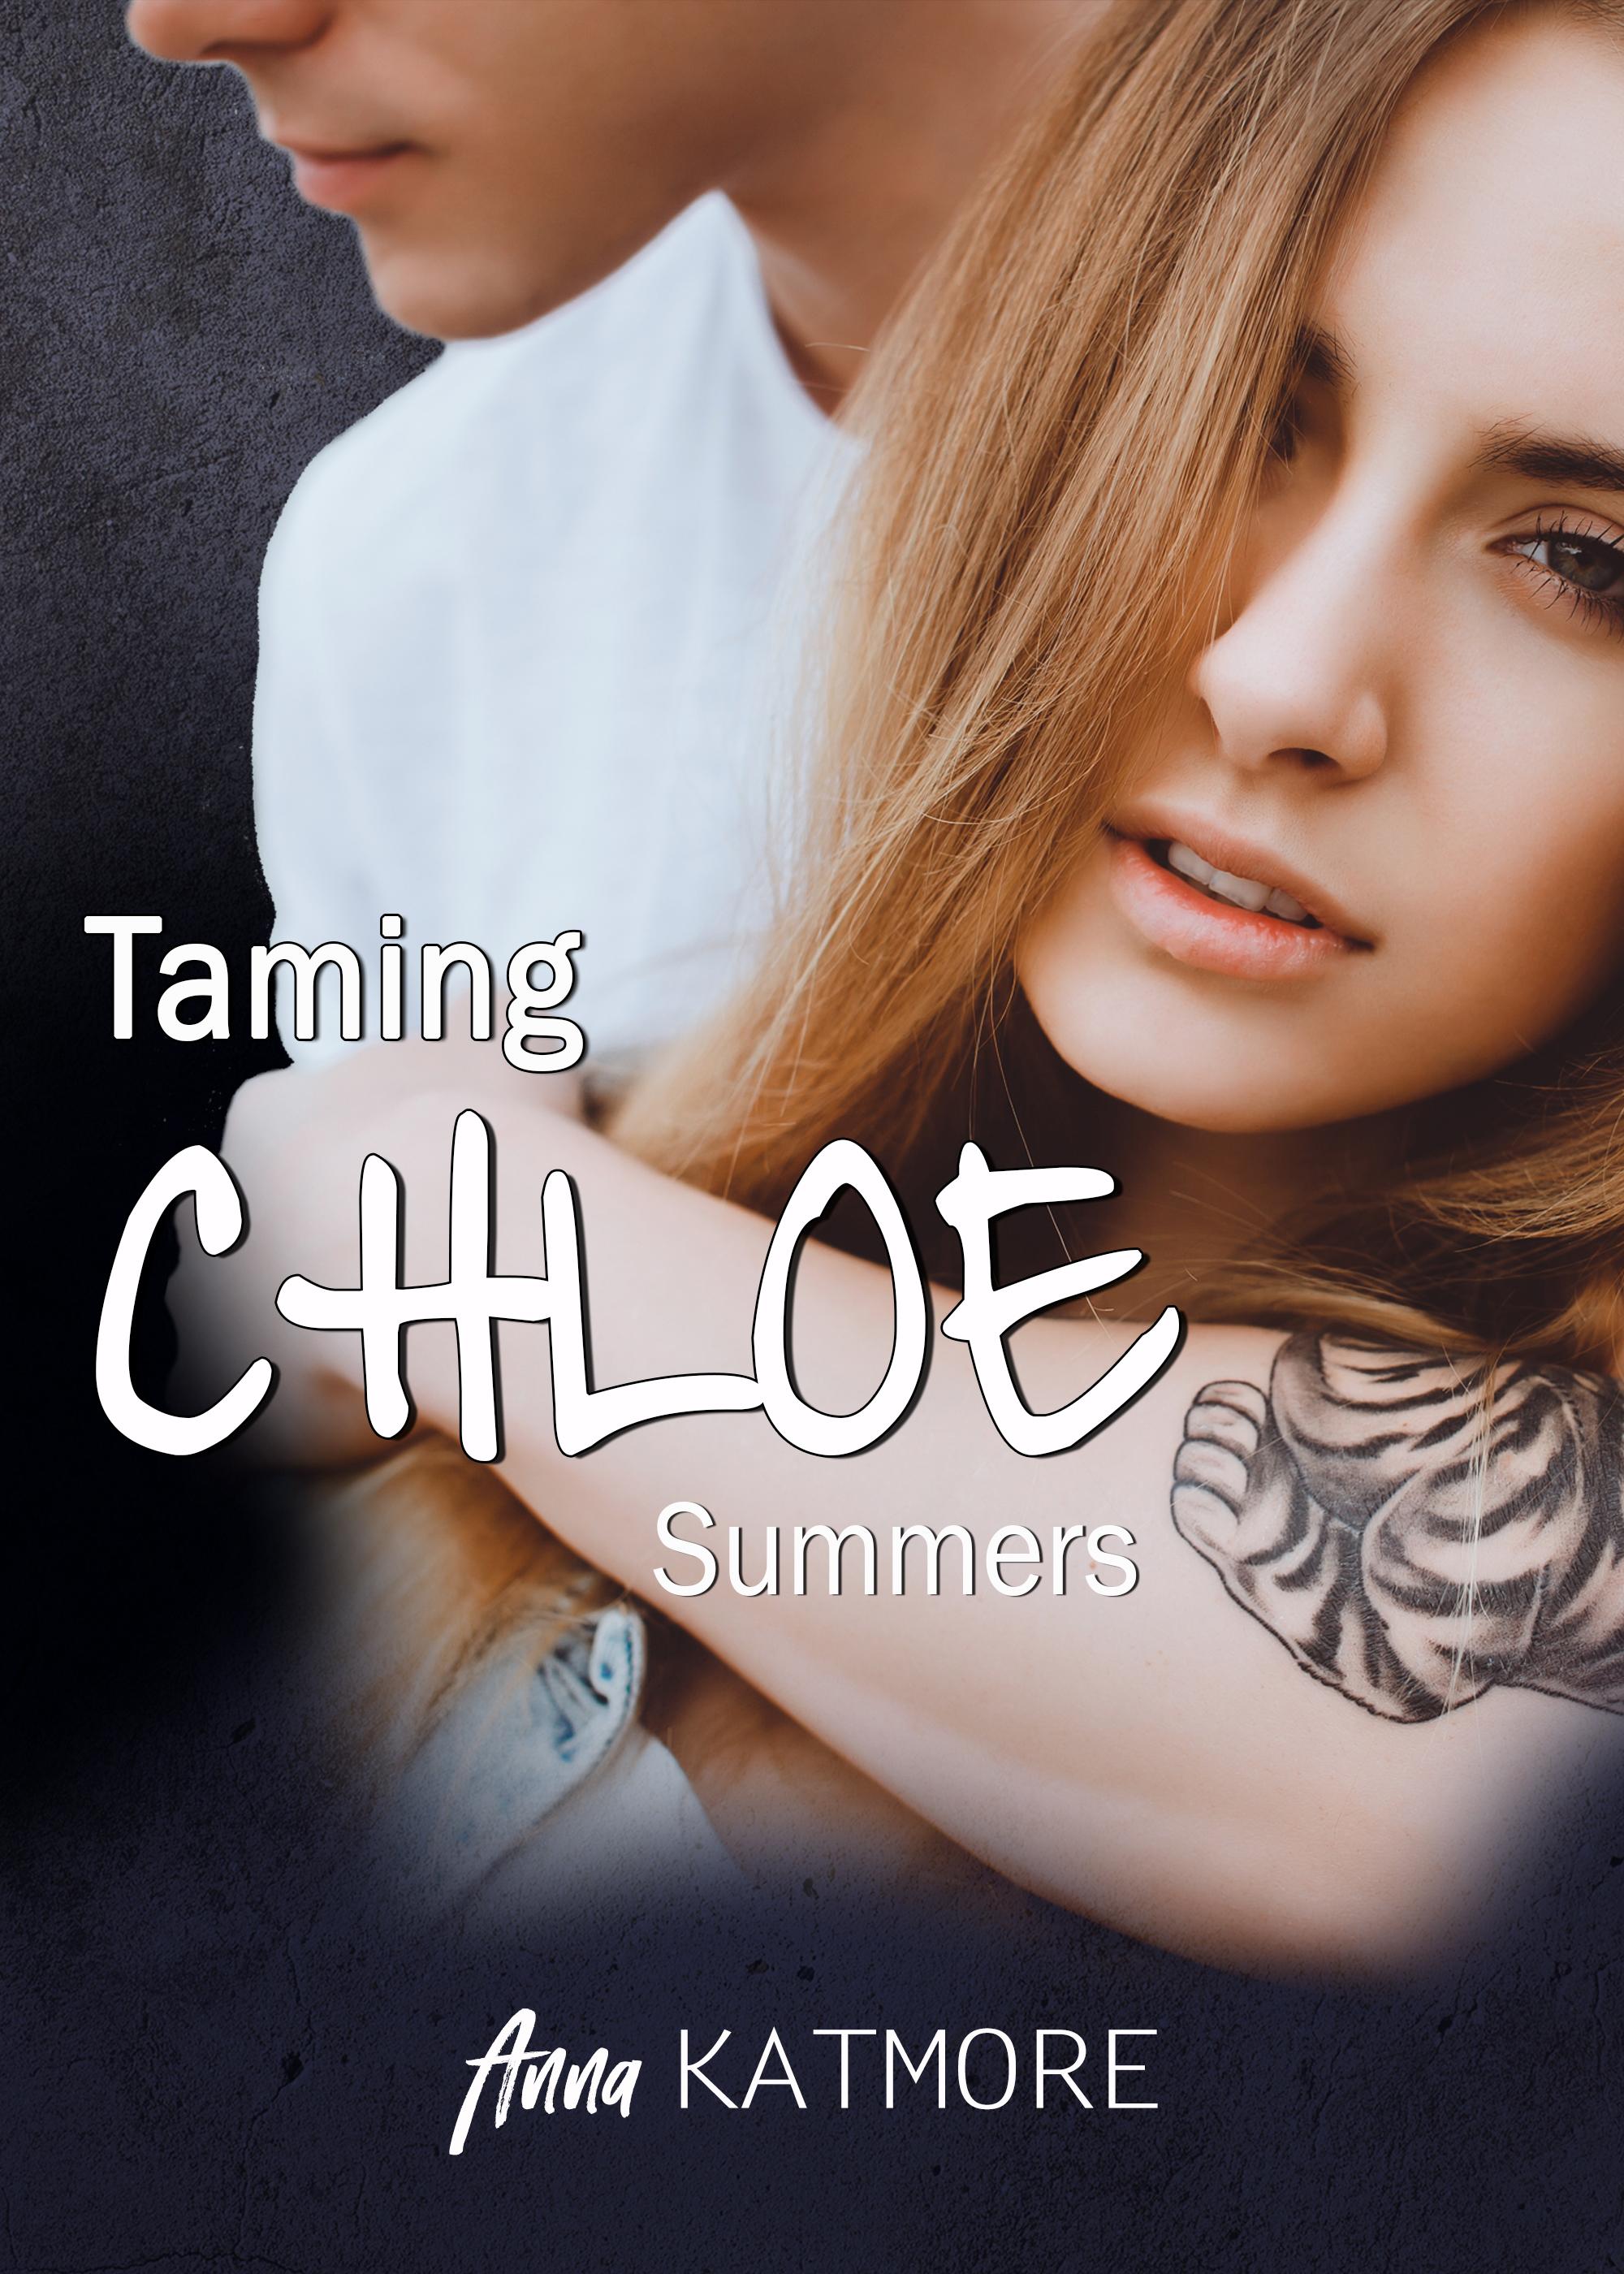 Taming chloe summers